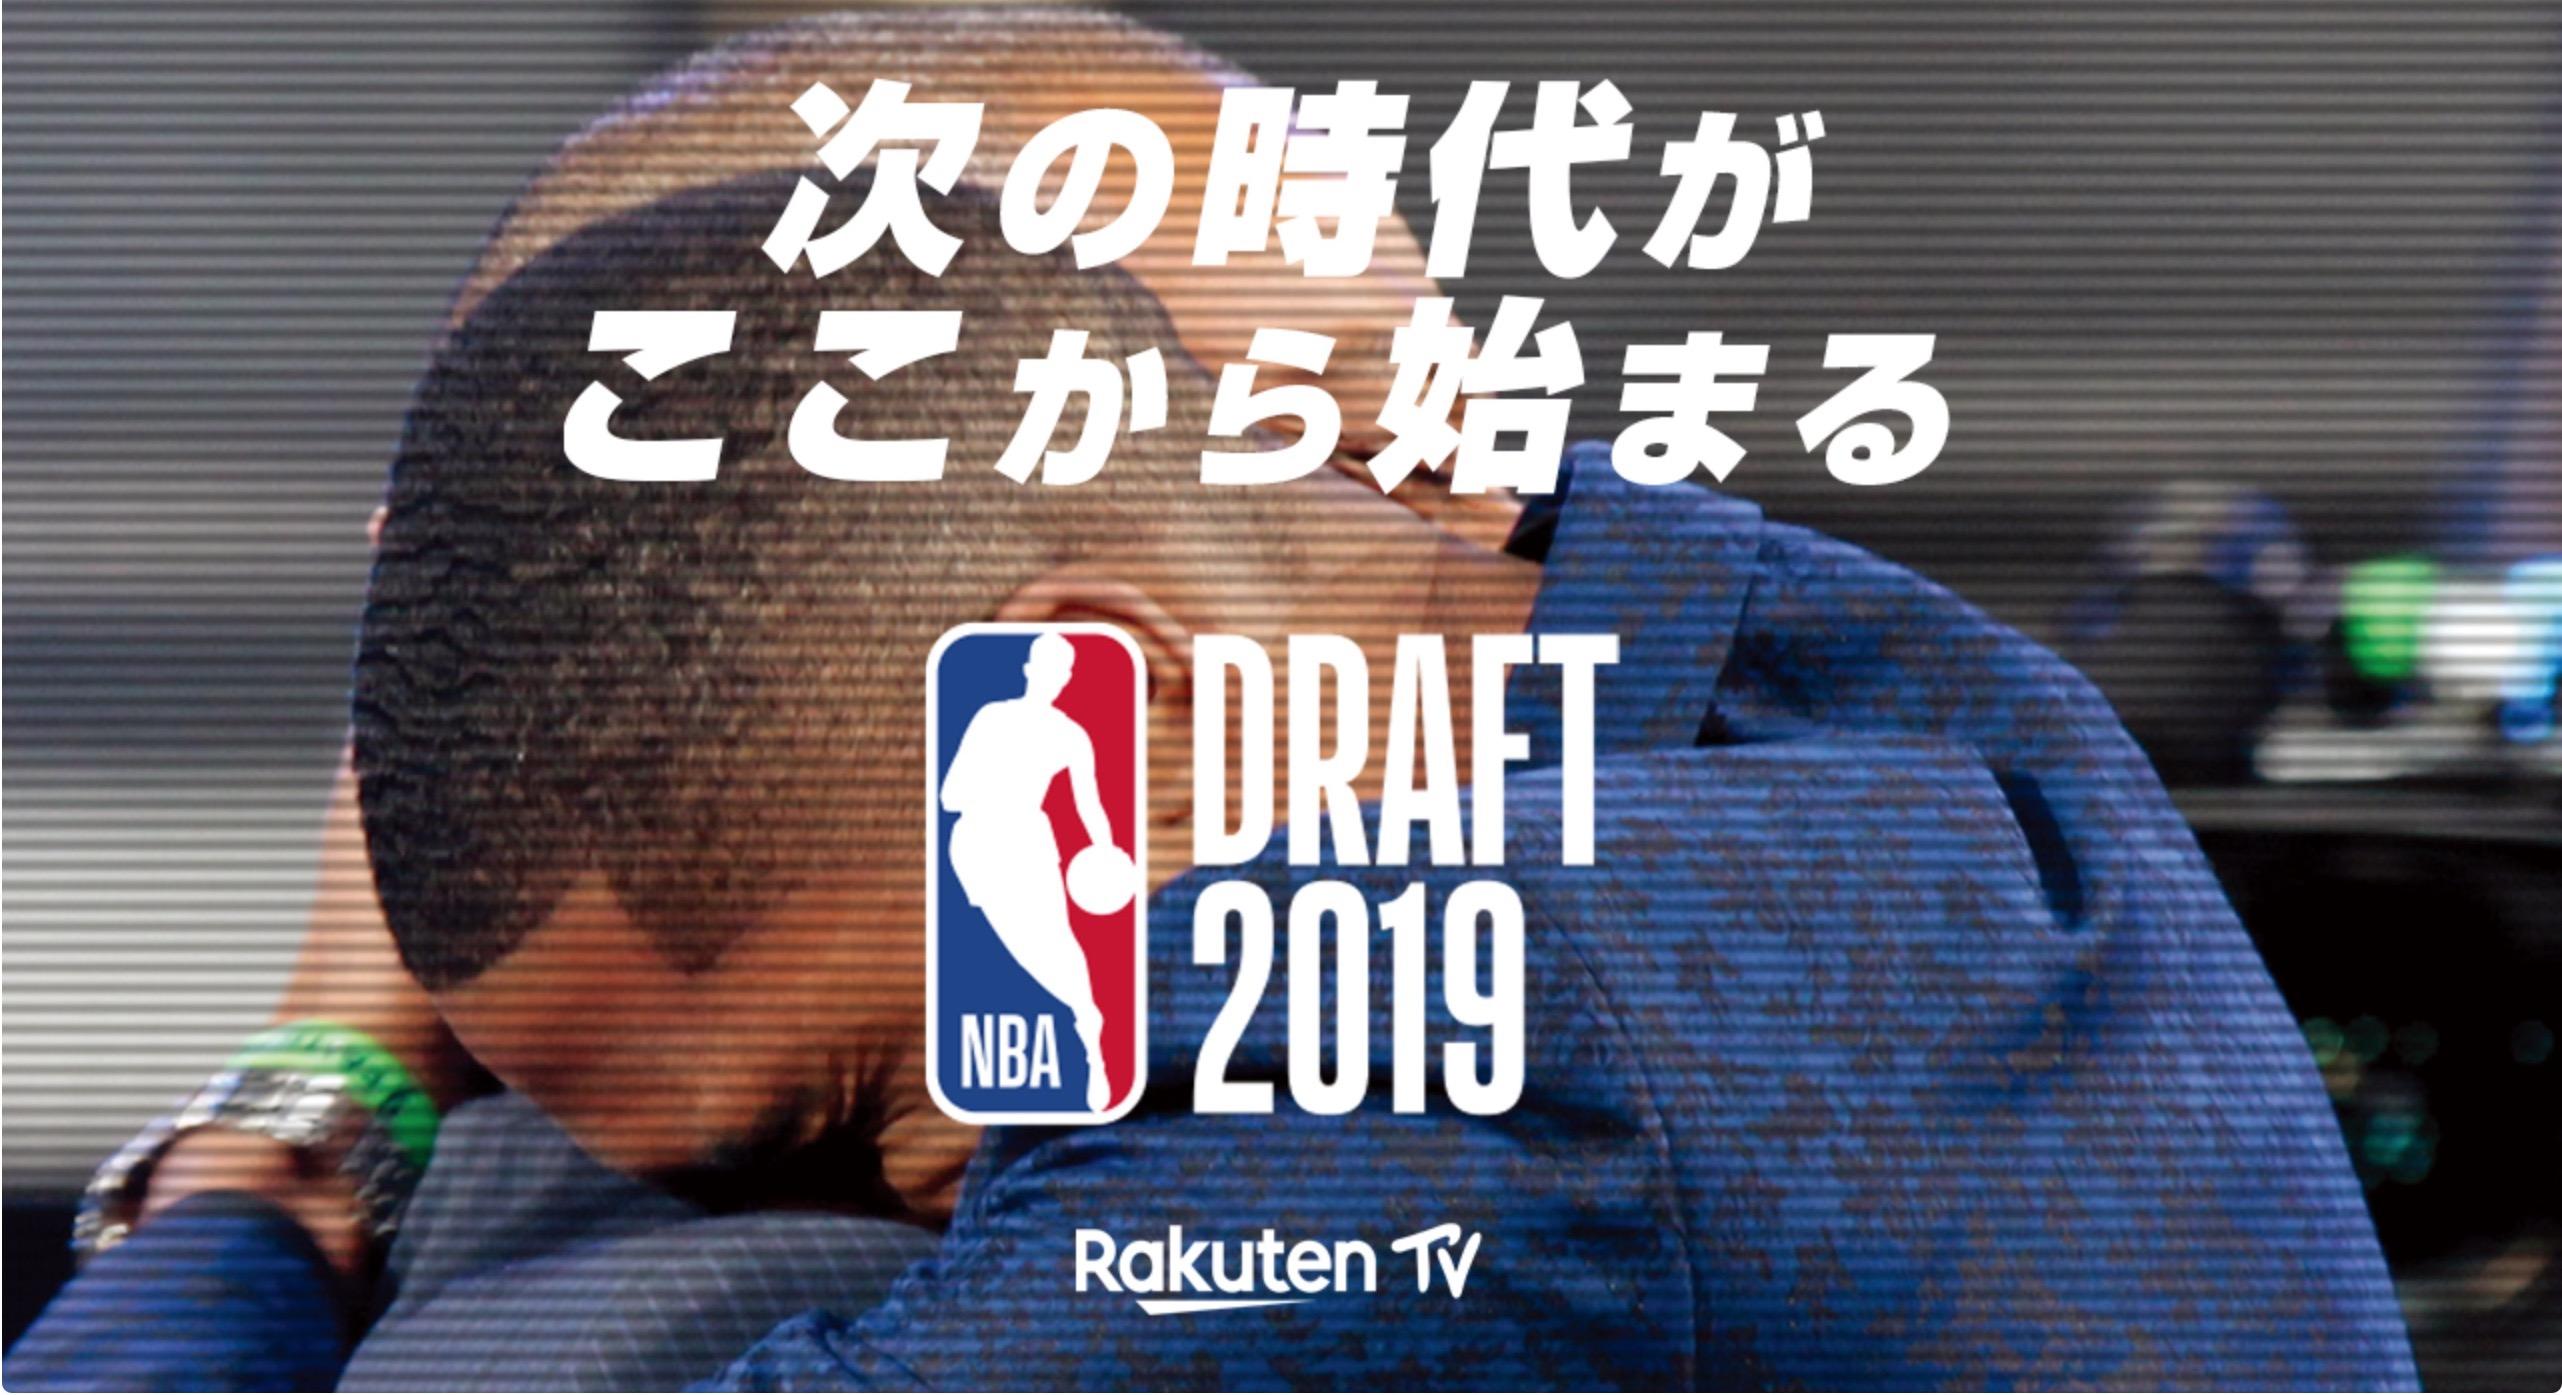 NBAドラフト2019、楽天TVとTwitterで無料配信決定